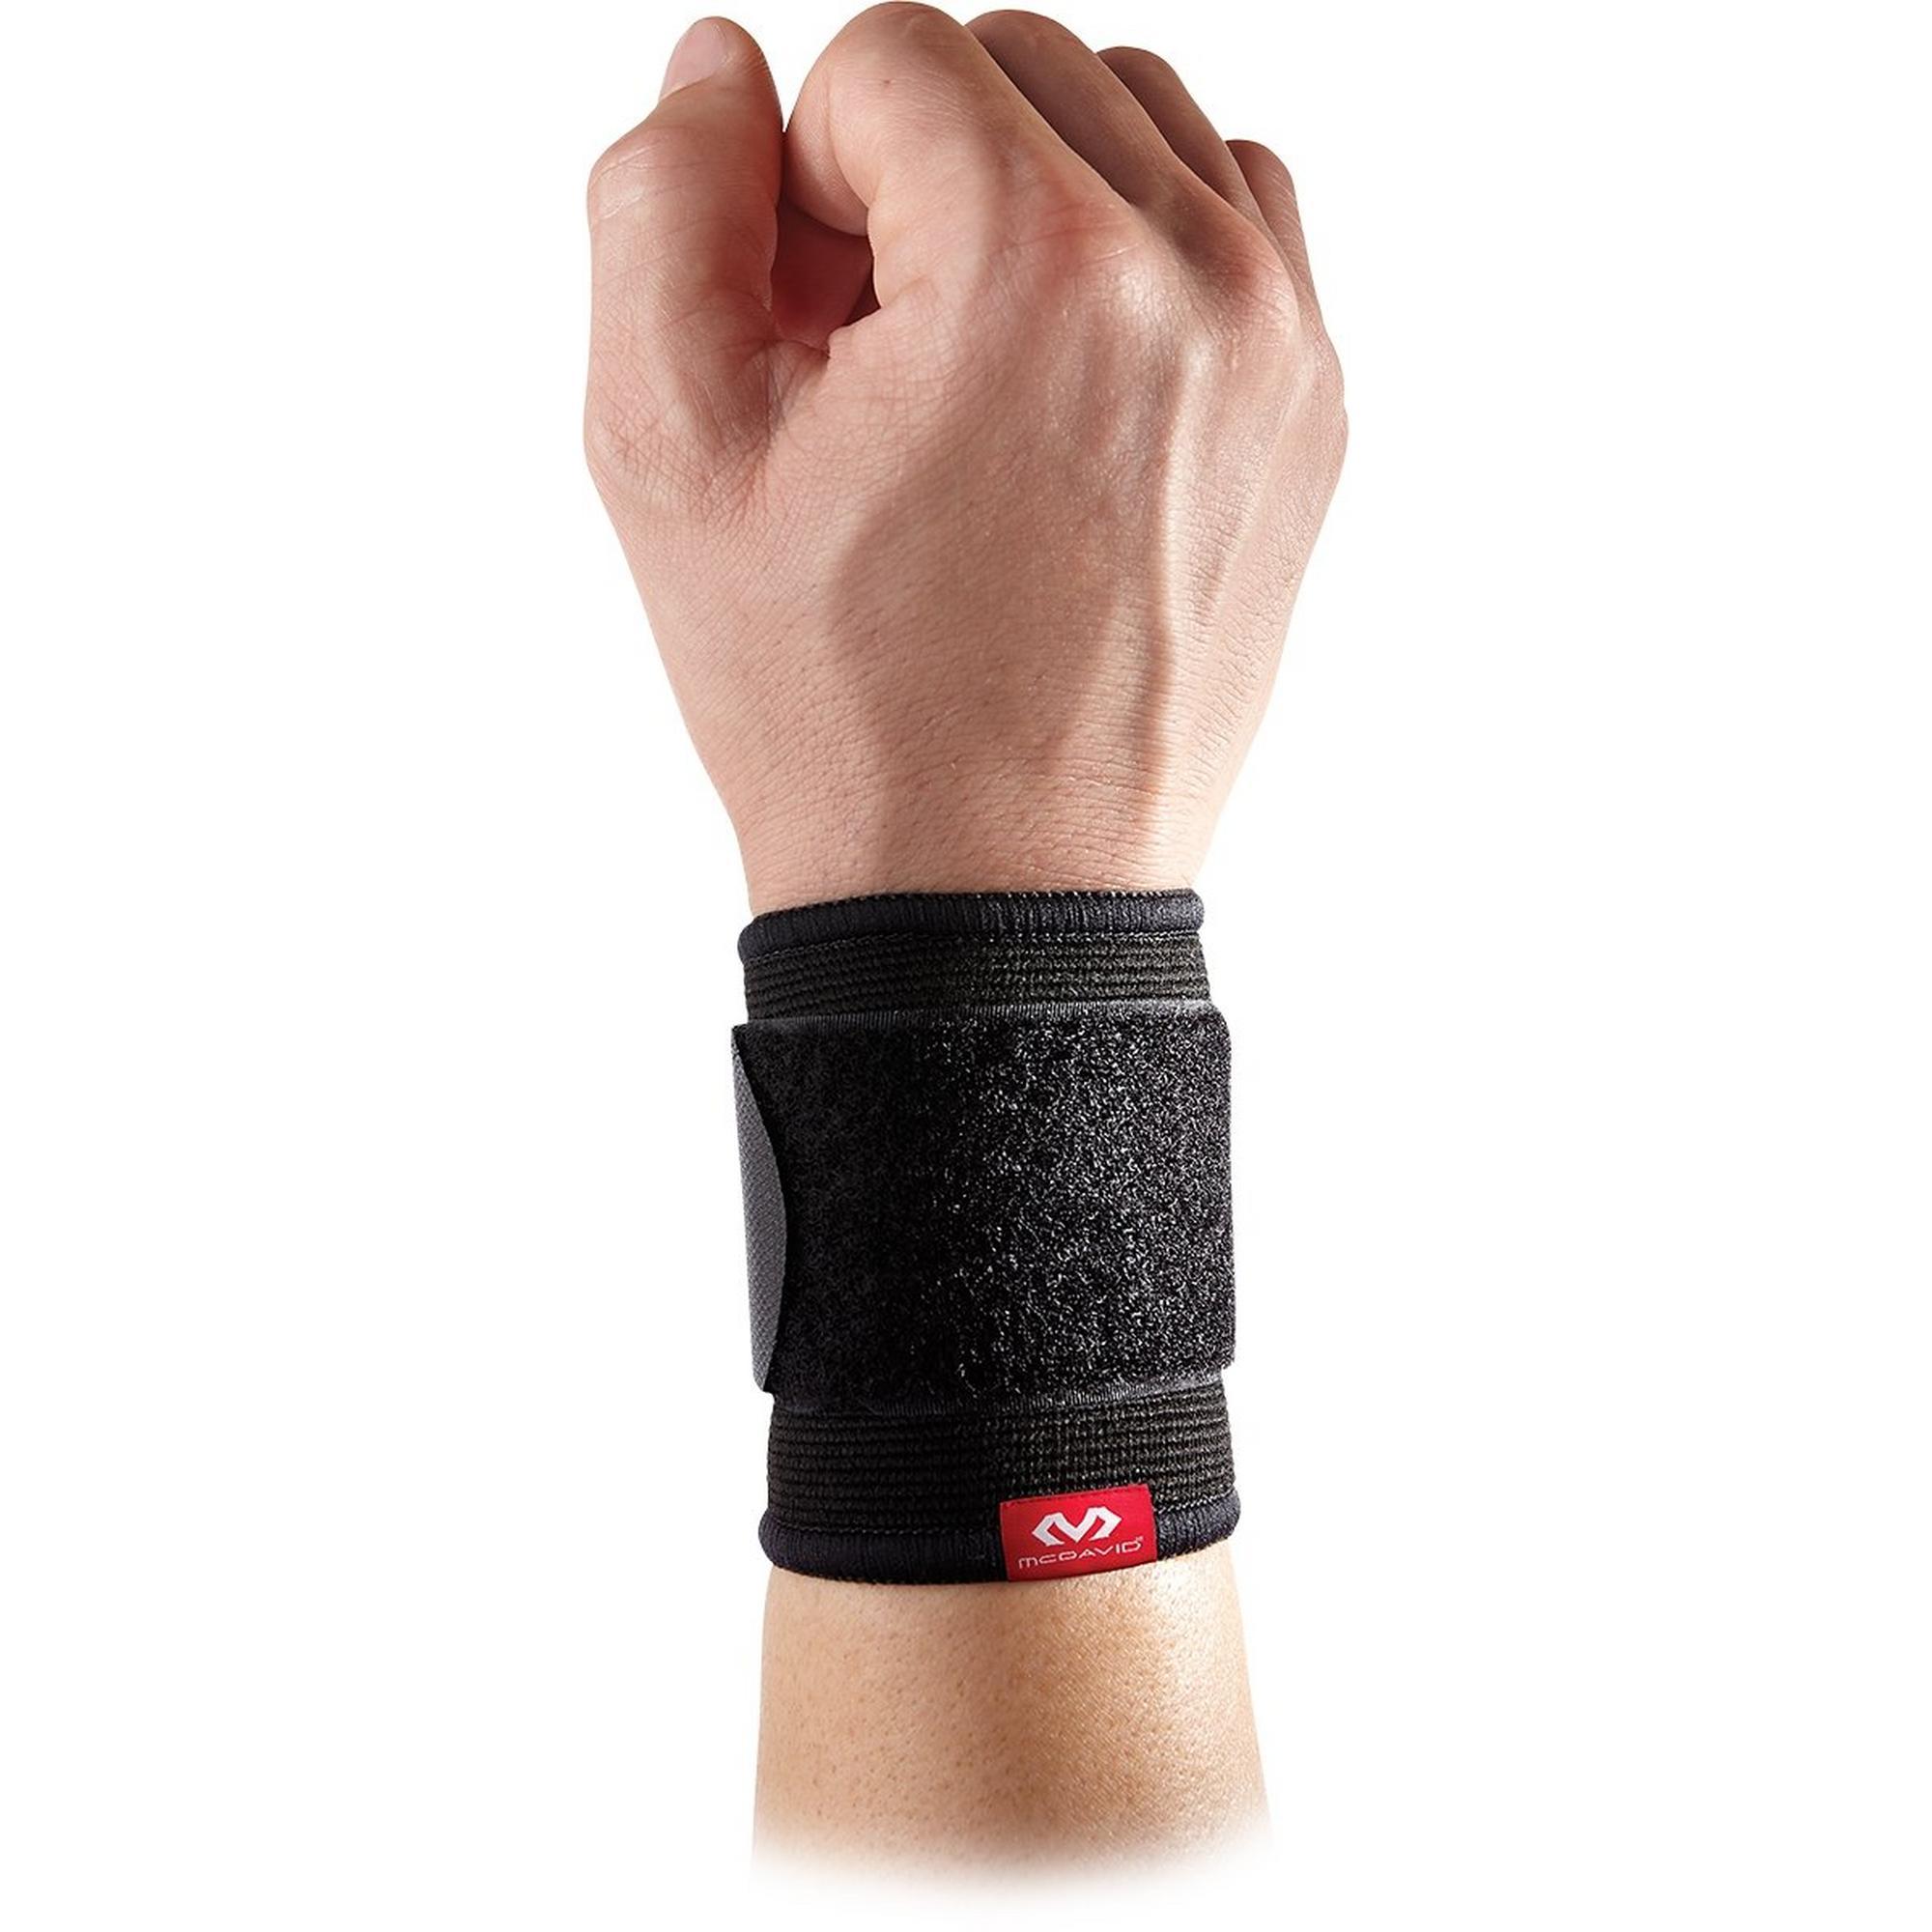 Wrist Sleeve/Elastic